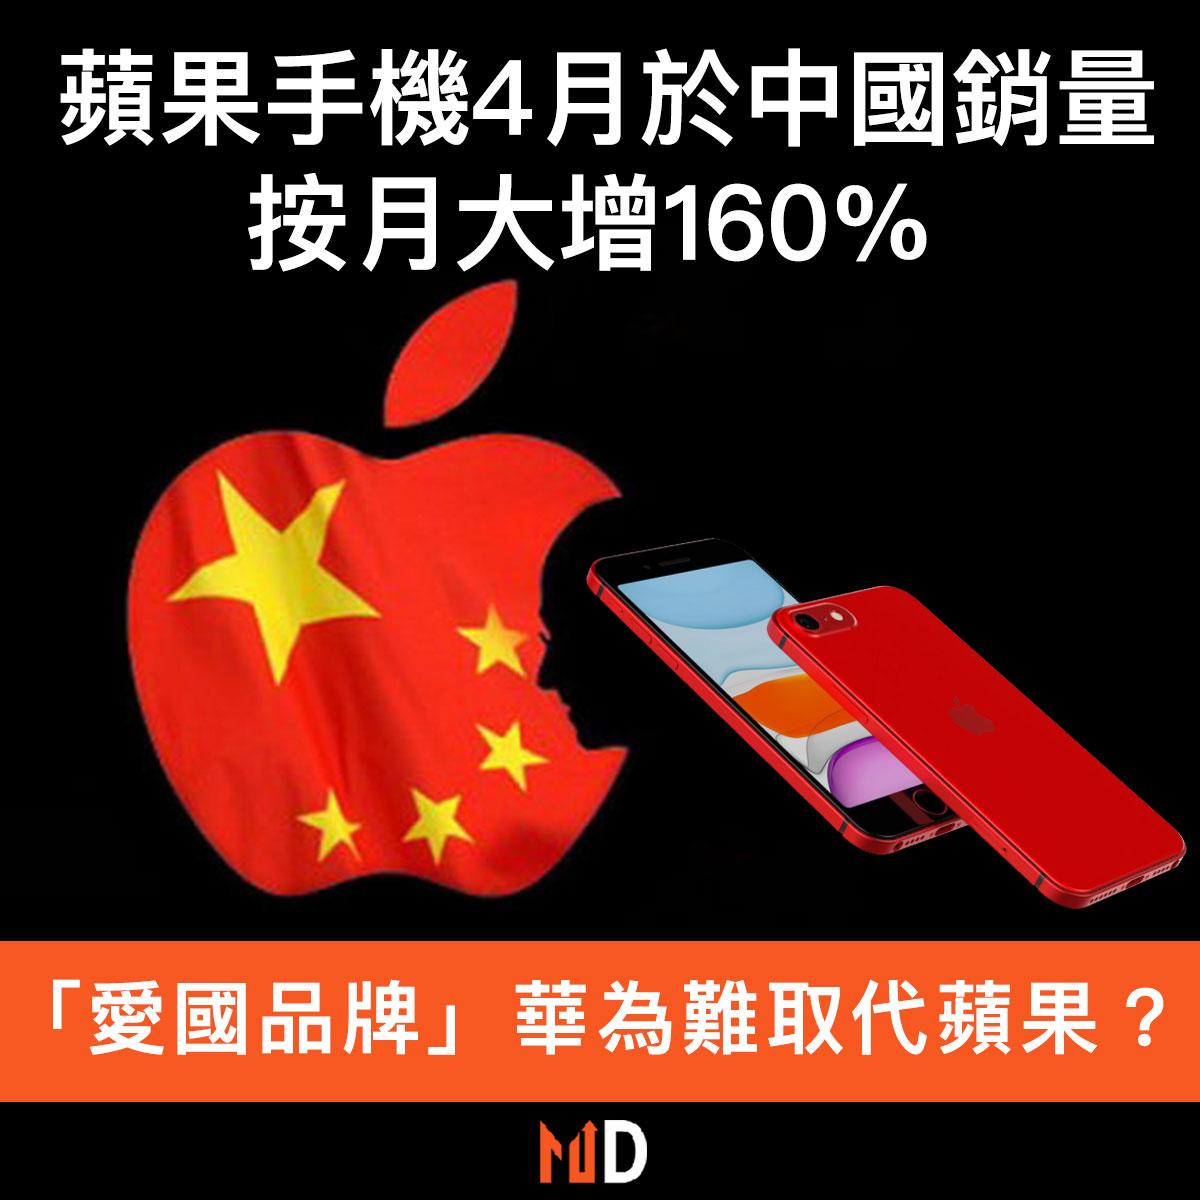 【#市場熱話】蘋果手機4月於中國銷量按月大增160%